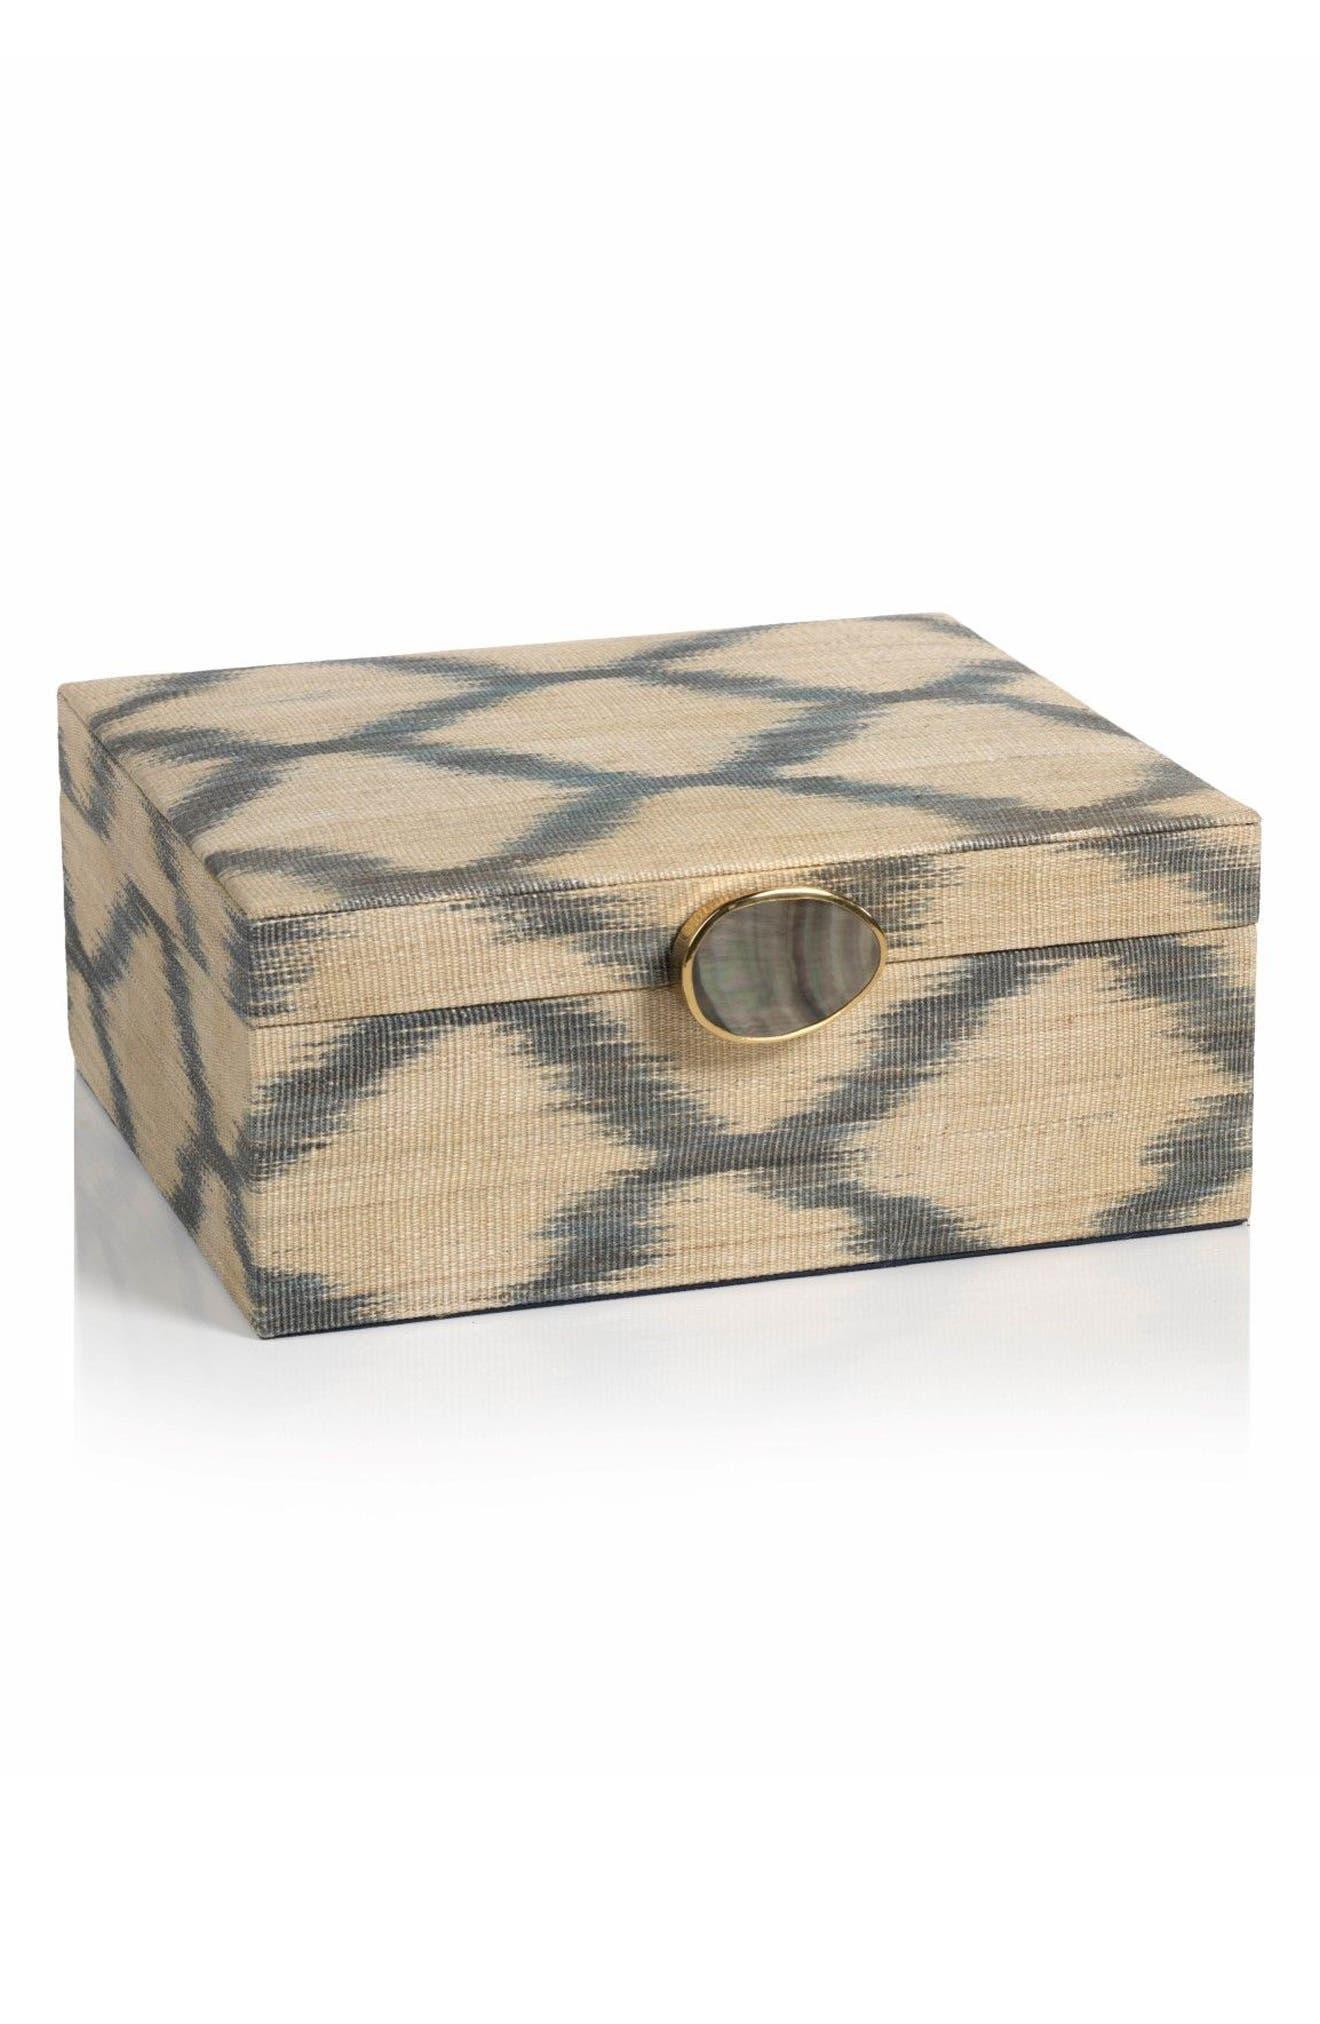 Main Image - Zodax Large Ikat Storage Box